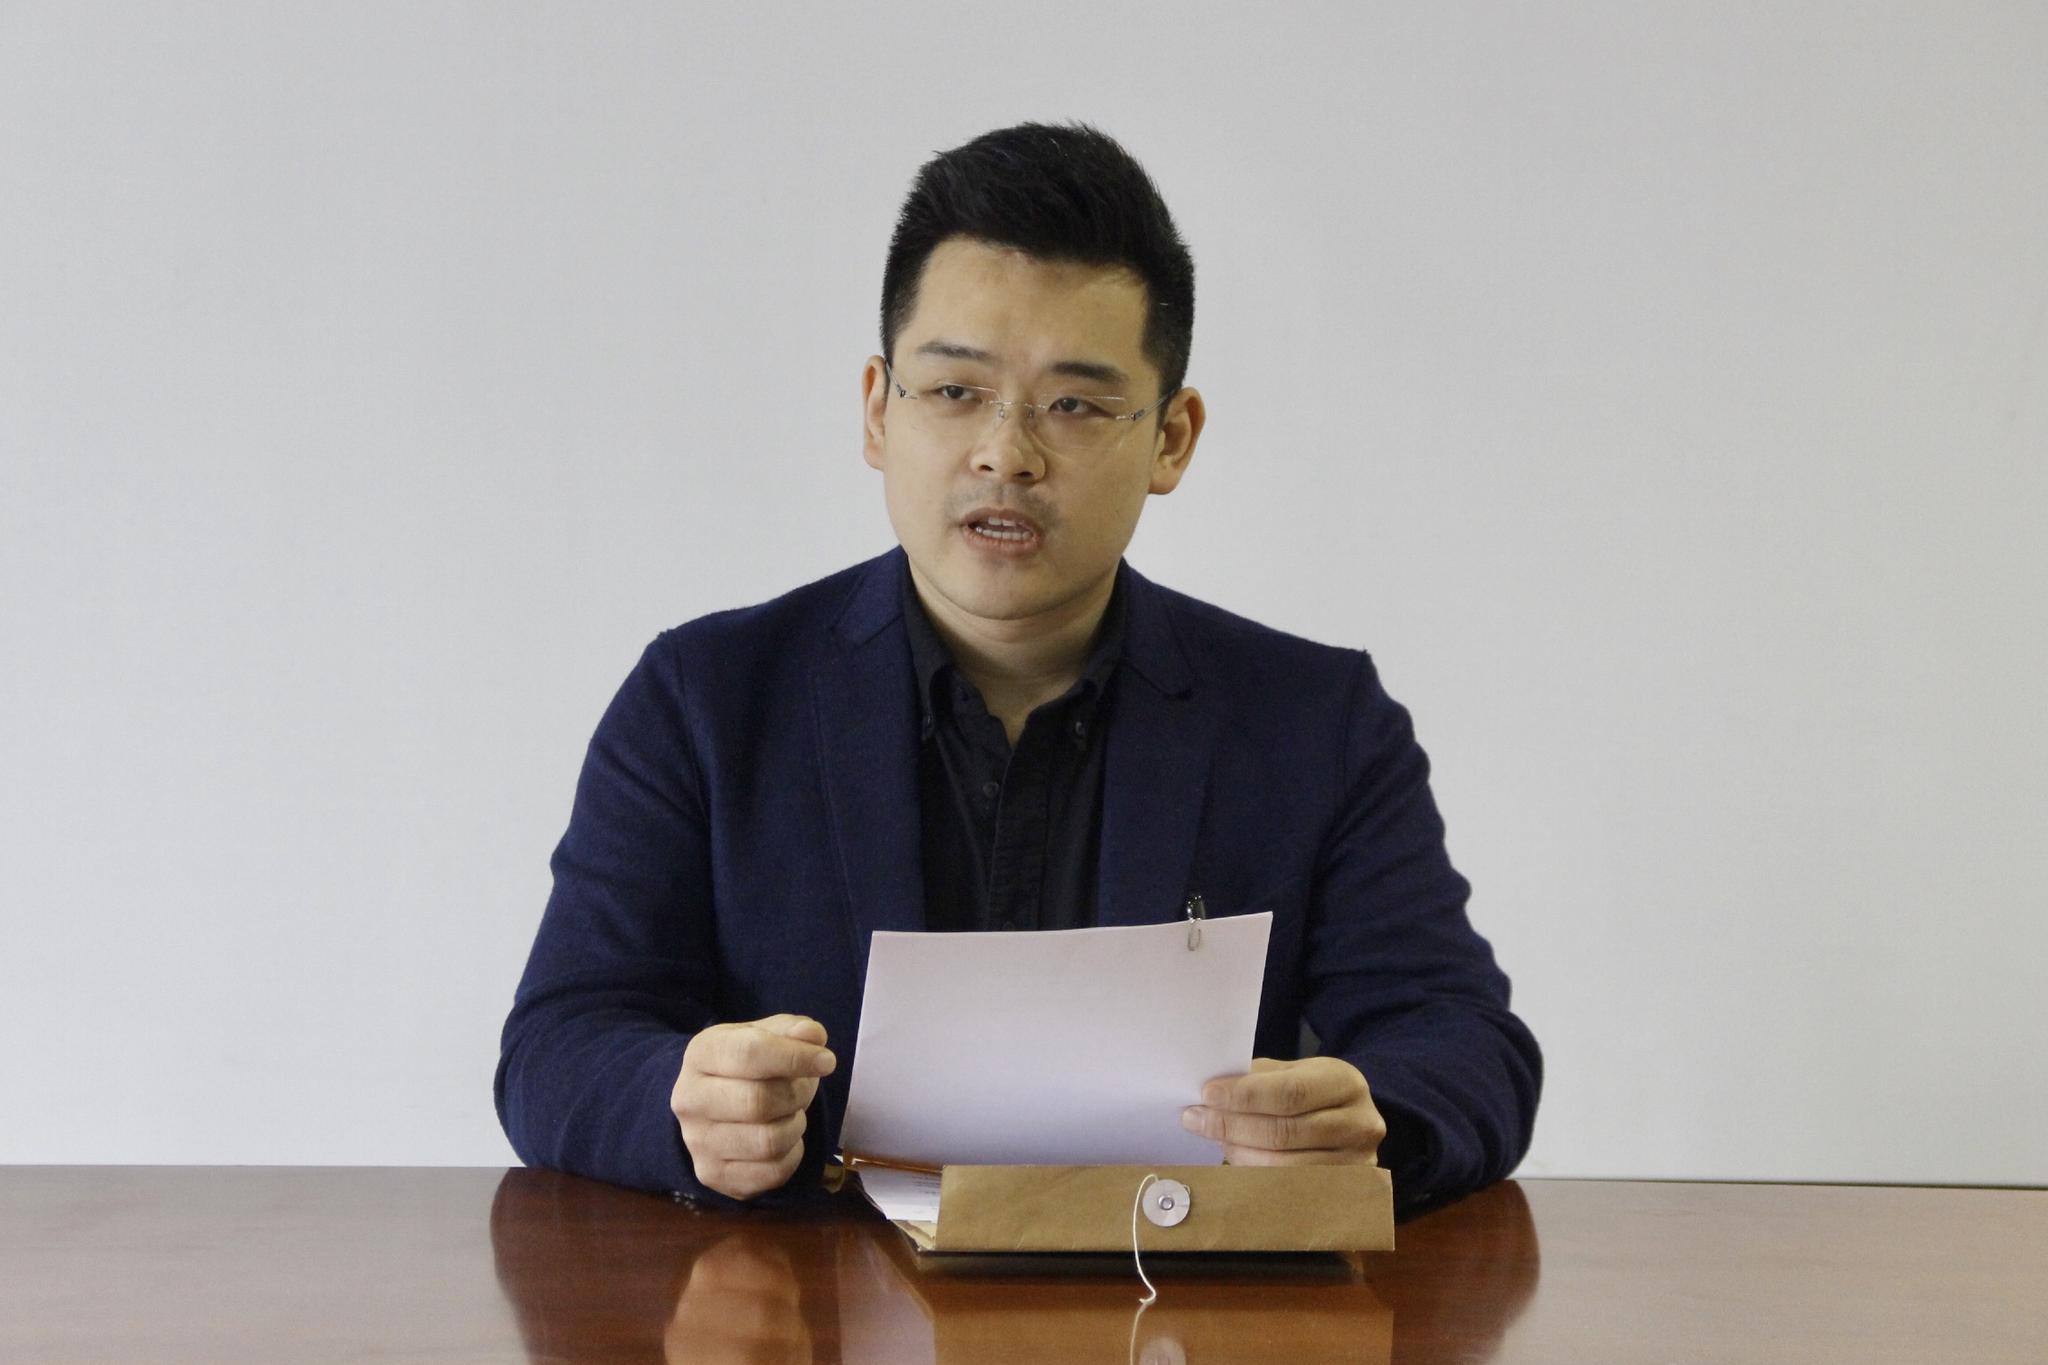 锦州银行原董事长张伟离世曾欲外逃在机场被拦截